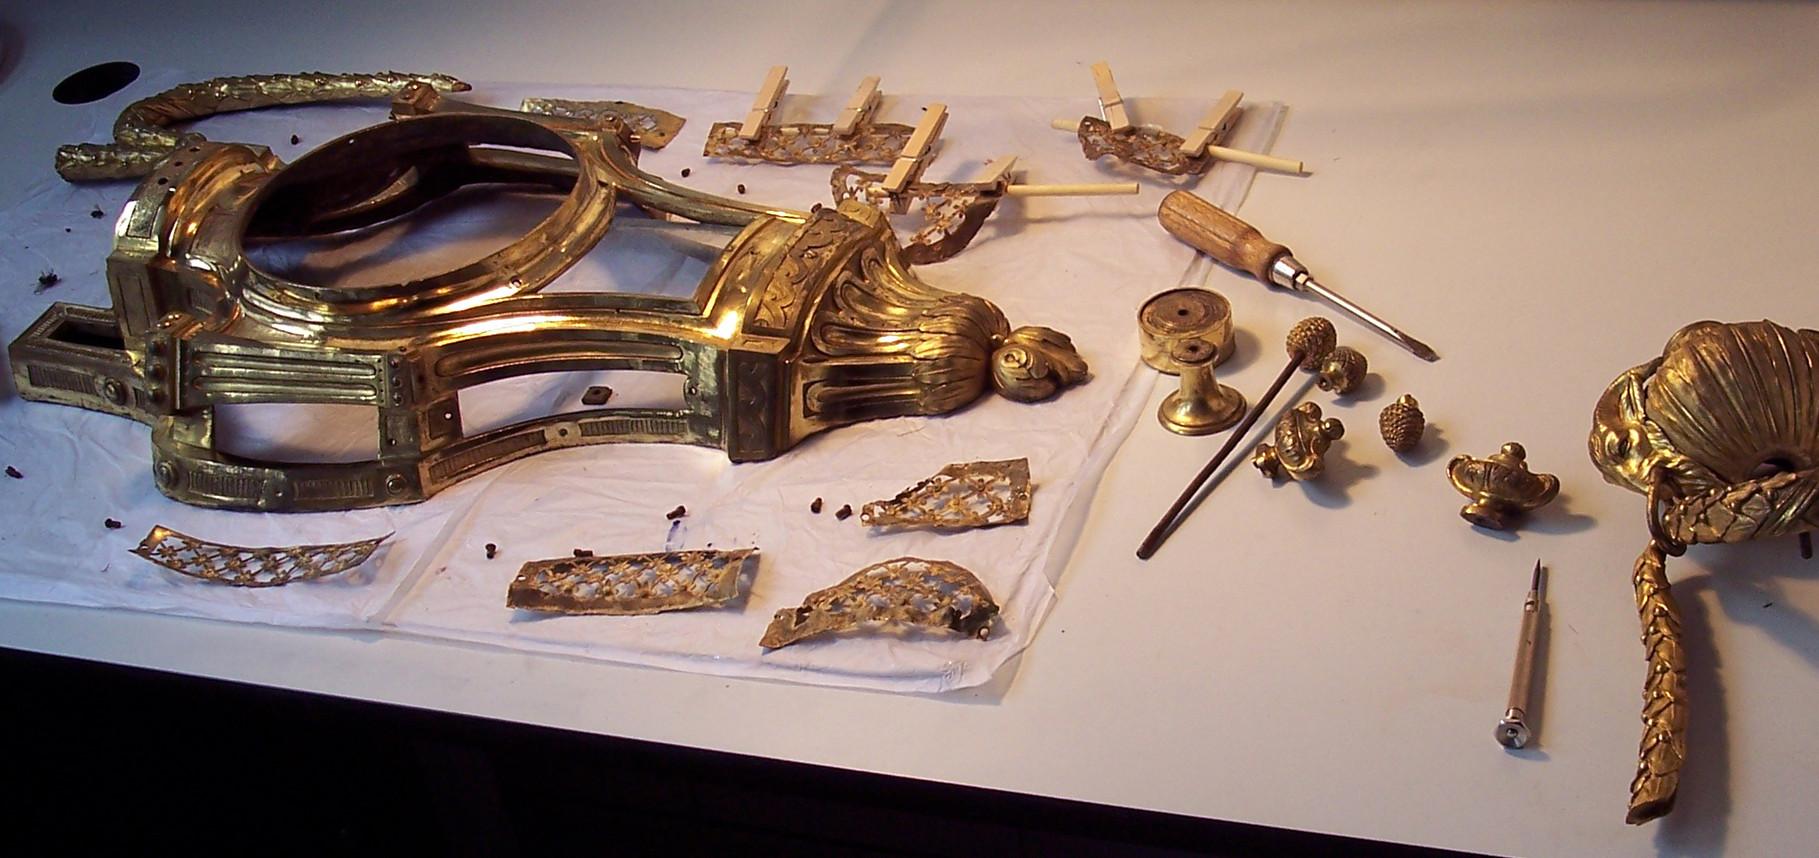 Restaurierung eines Uhrgehäuses